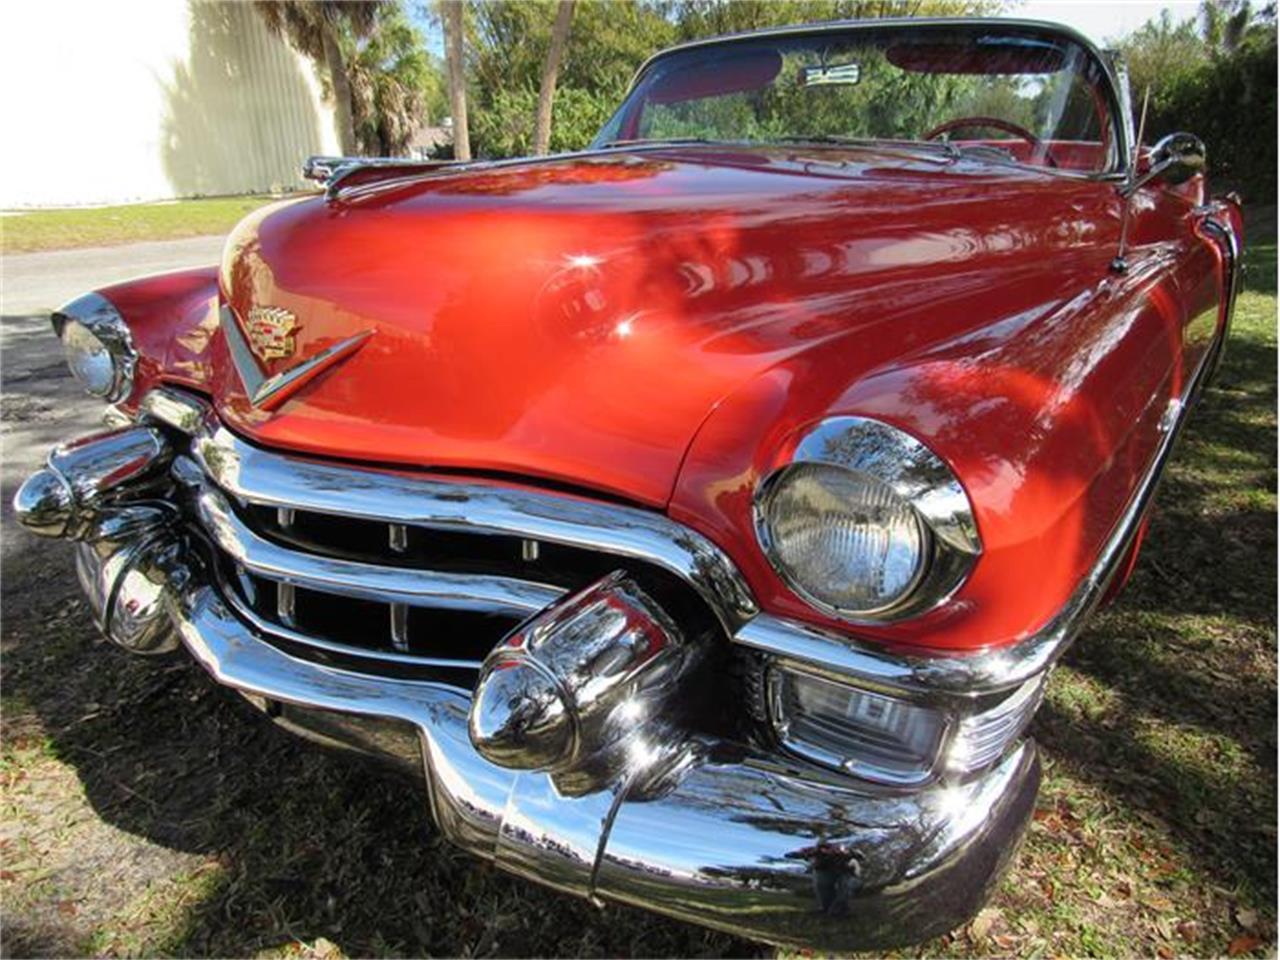 Large Picture of '53 Eldorado located in Florida - $274,500.00 - GJKK